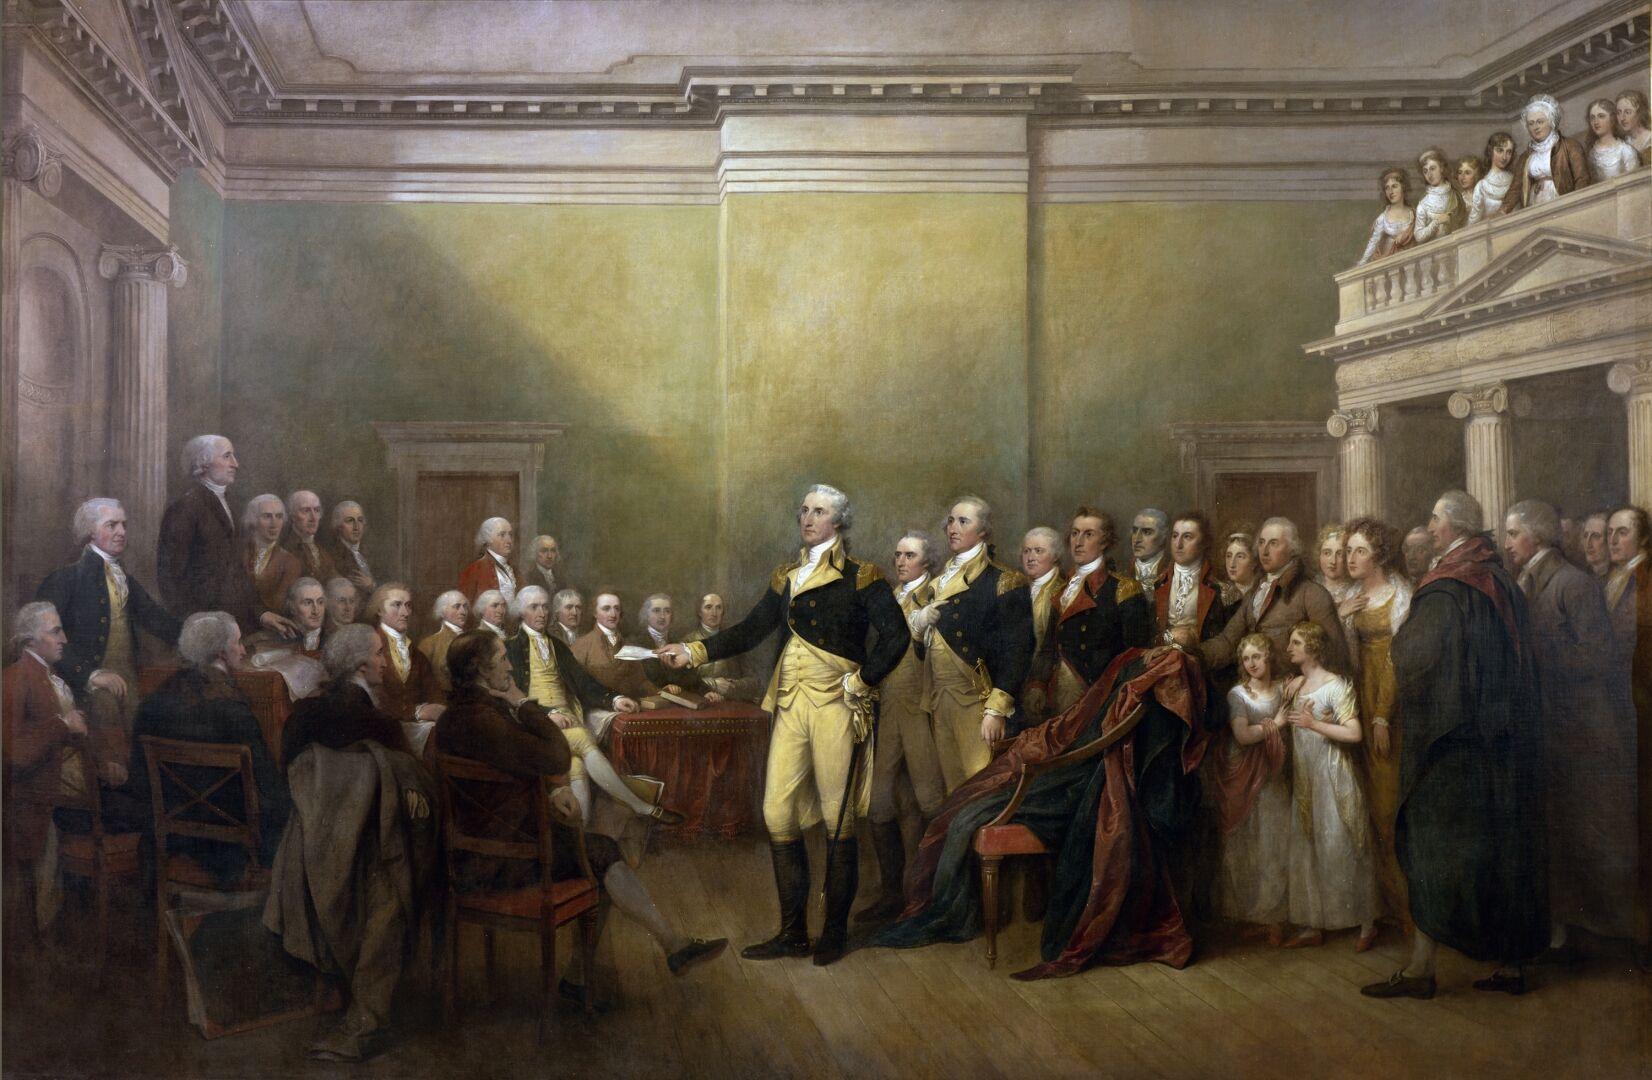 Джордж Вашингтон приносит присягу